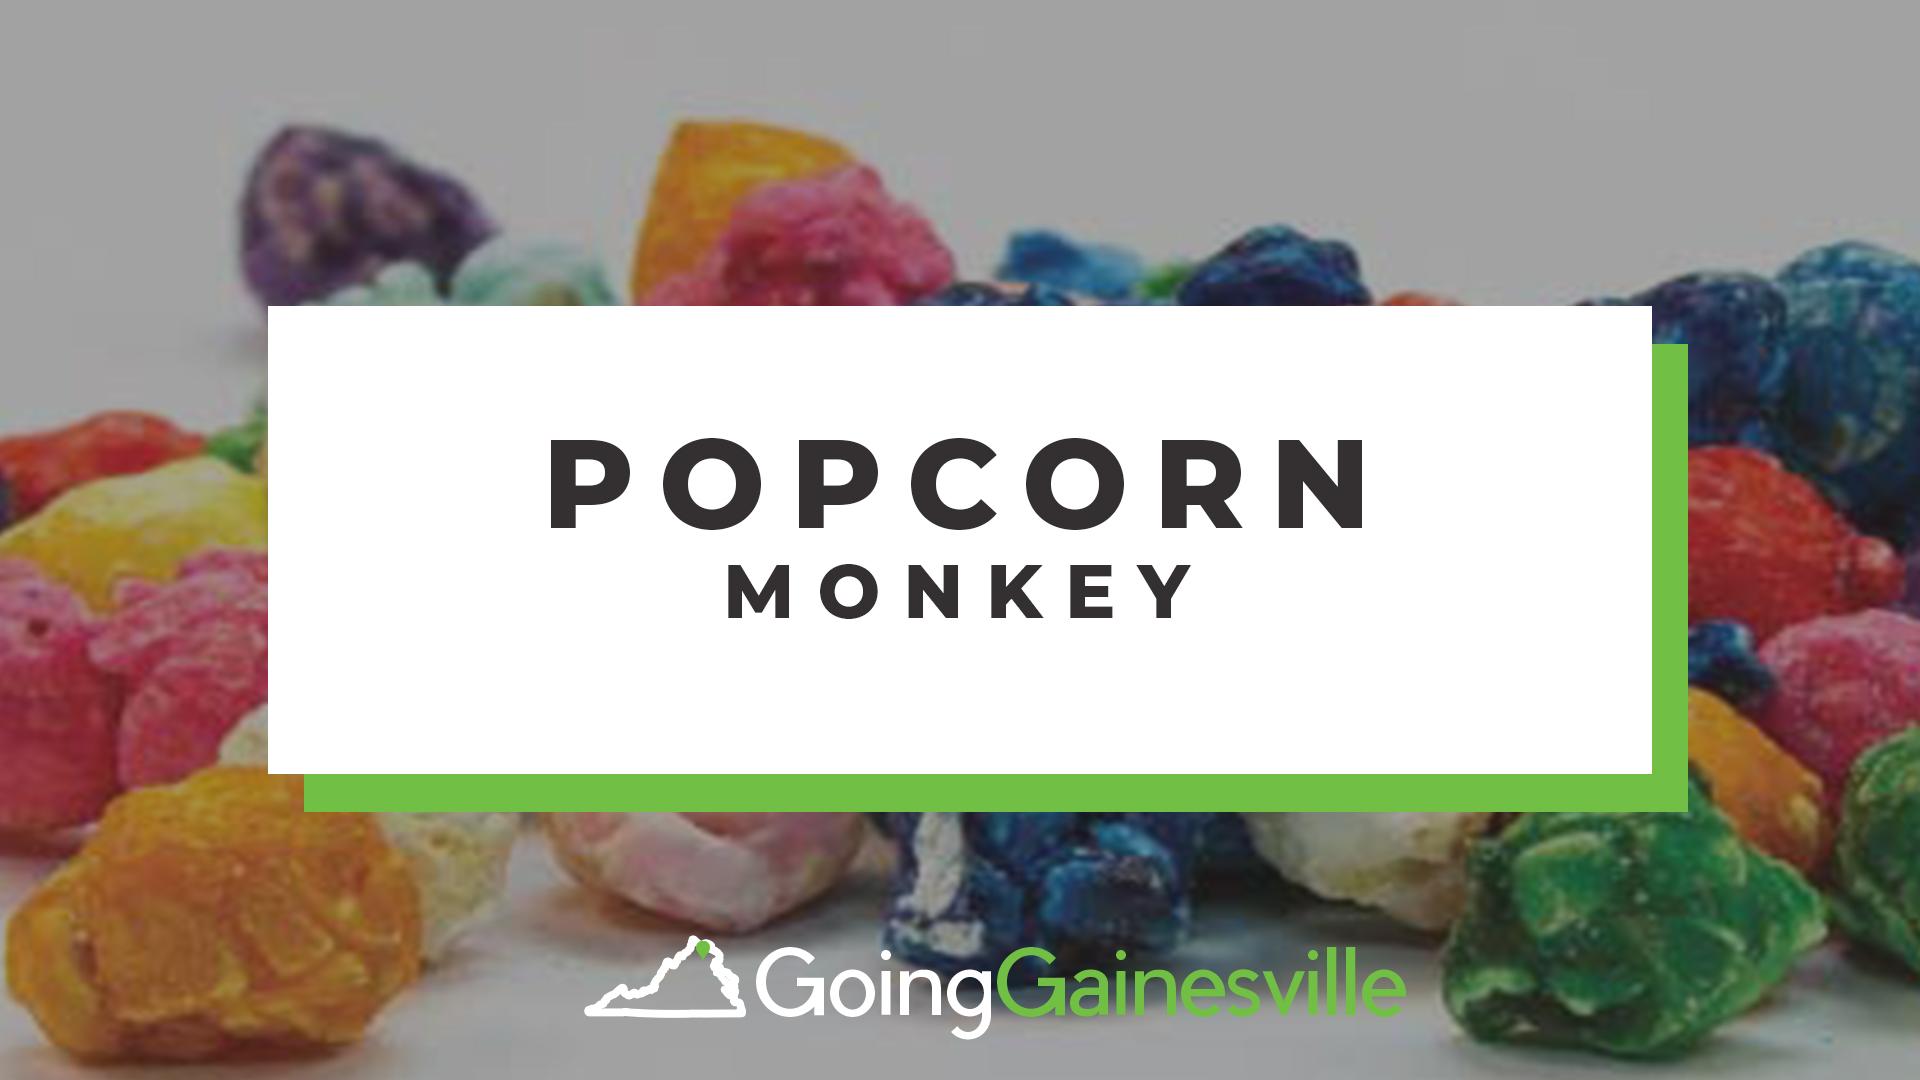 Popcorn Monkey